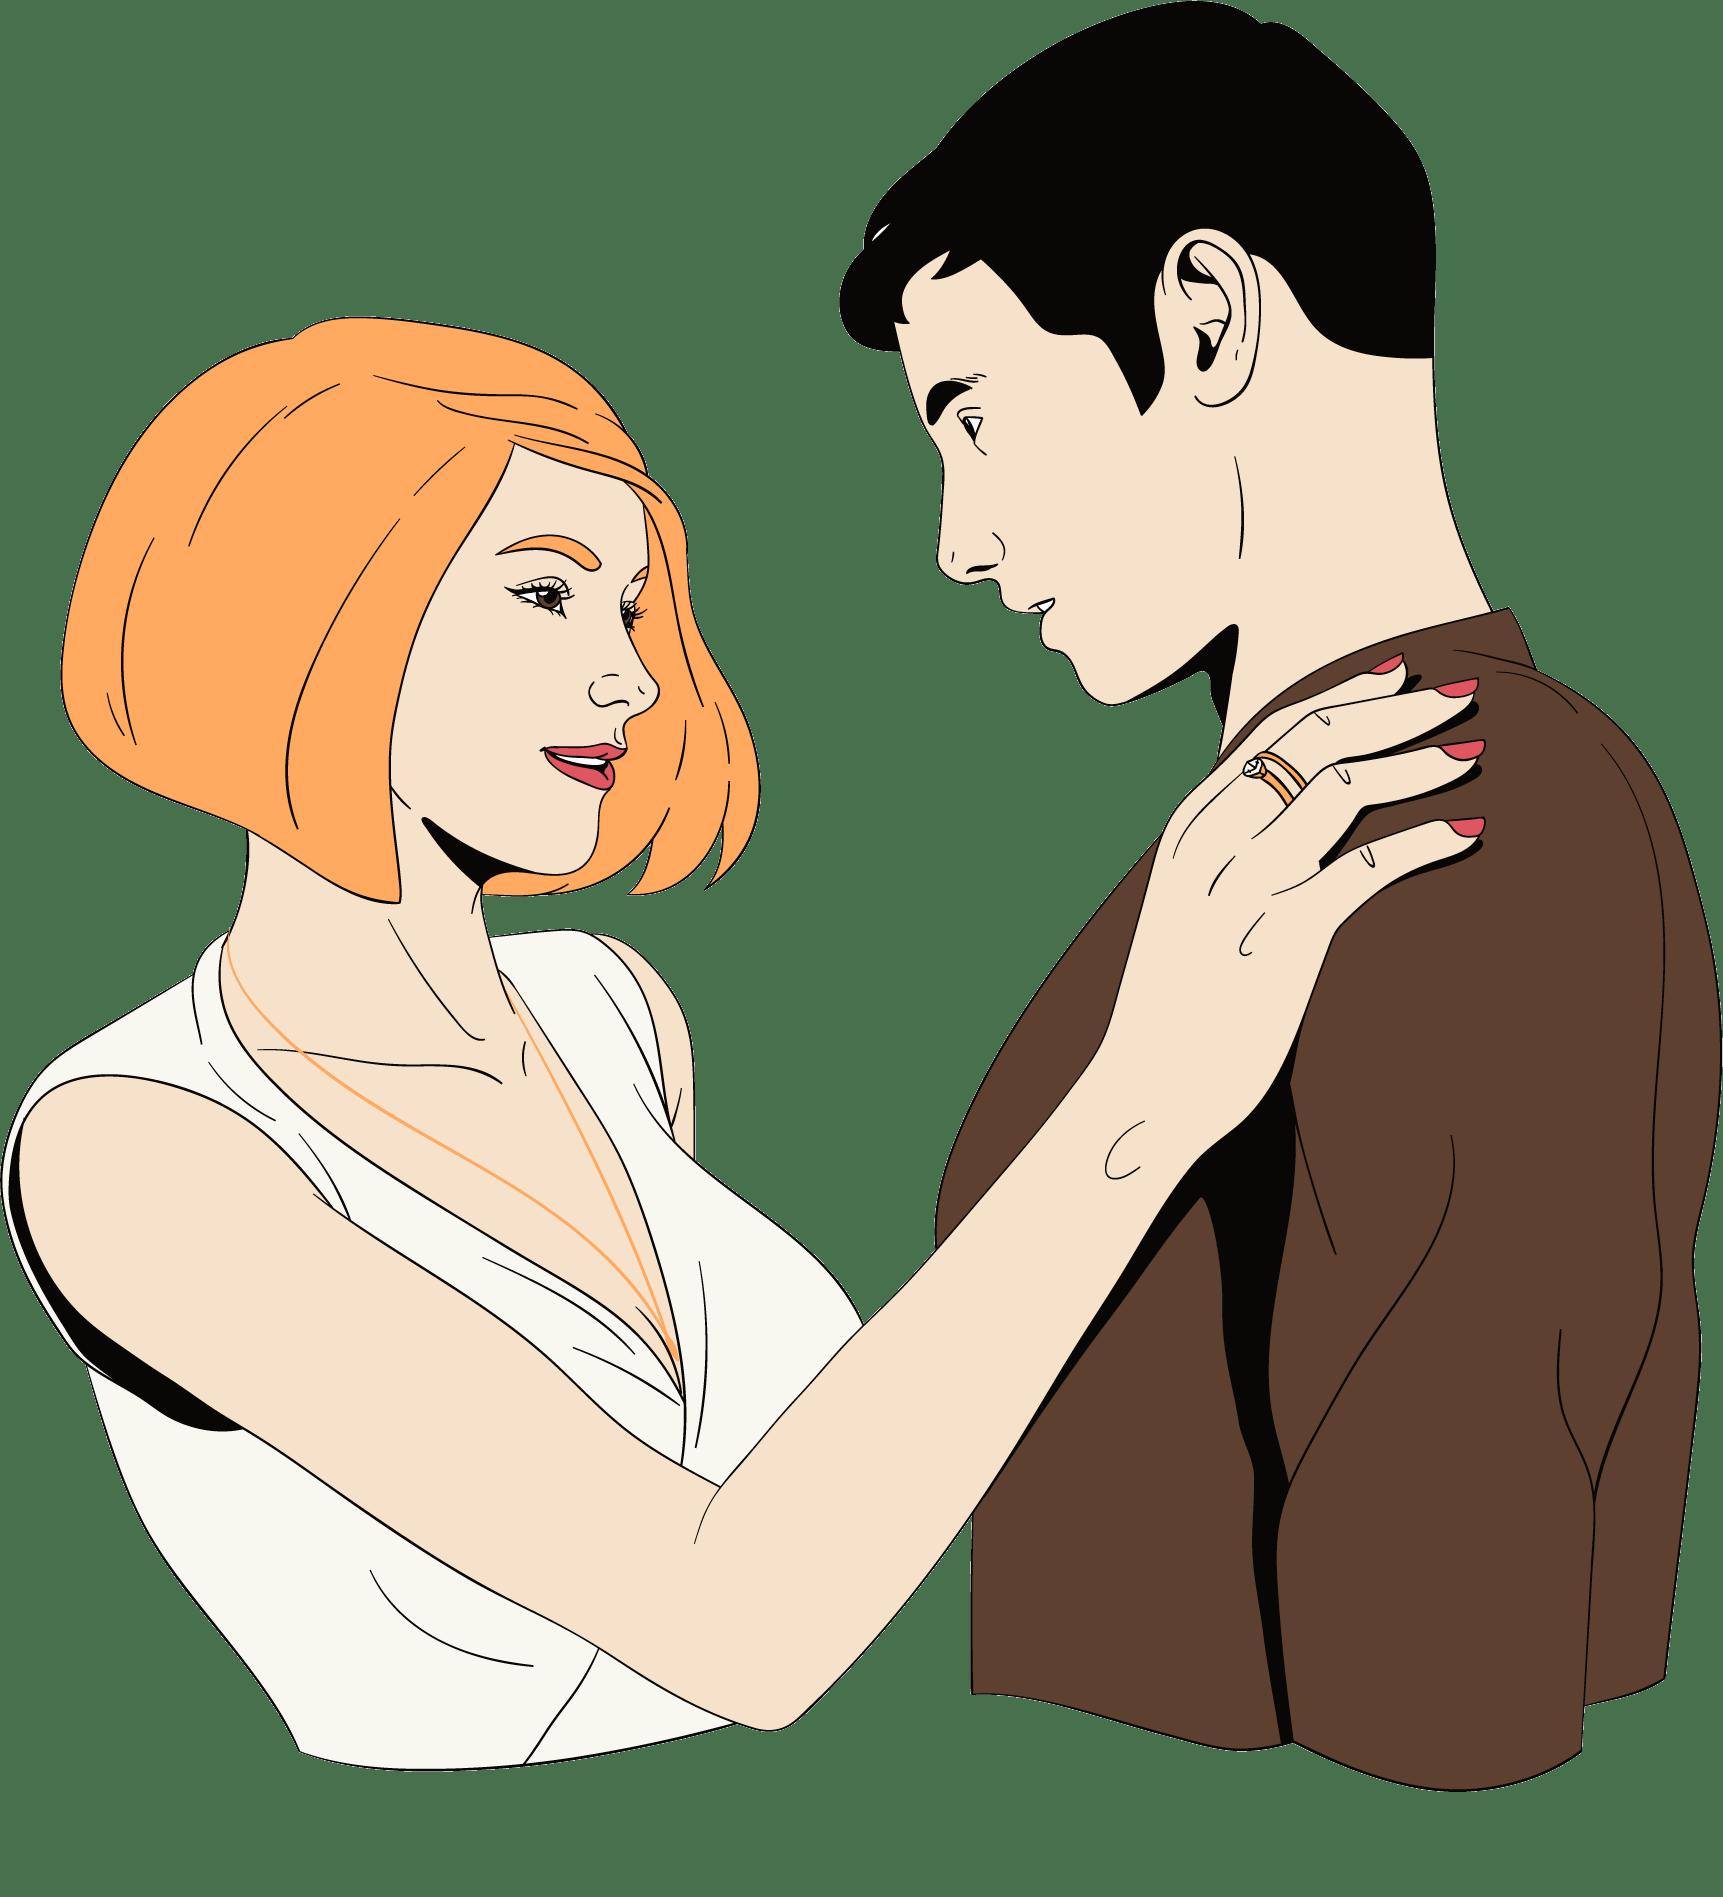 een vrouw flirt met een man en kijkt hem in de ogen aan